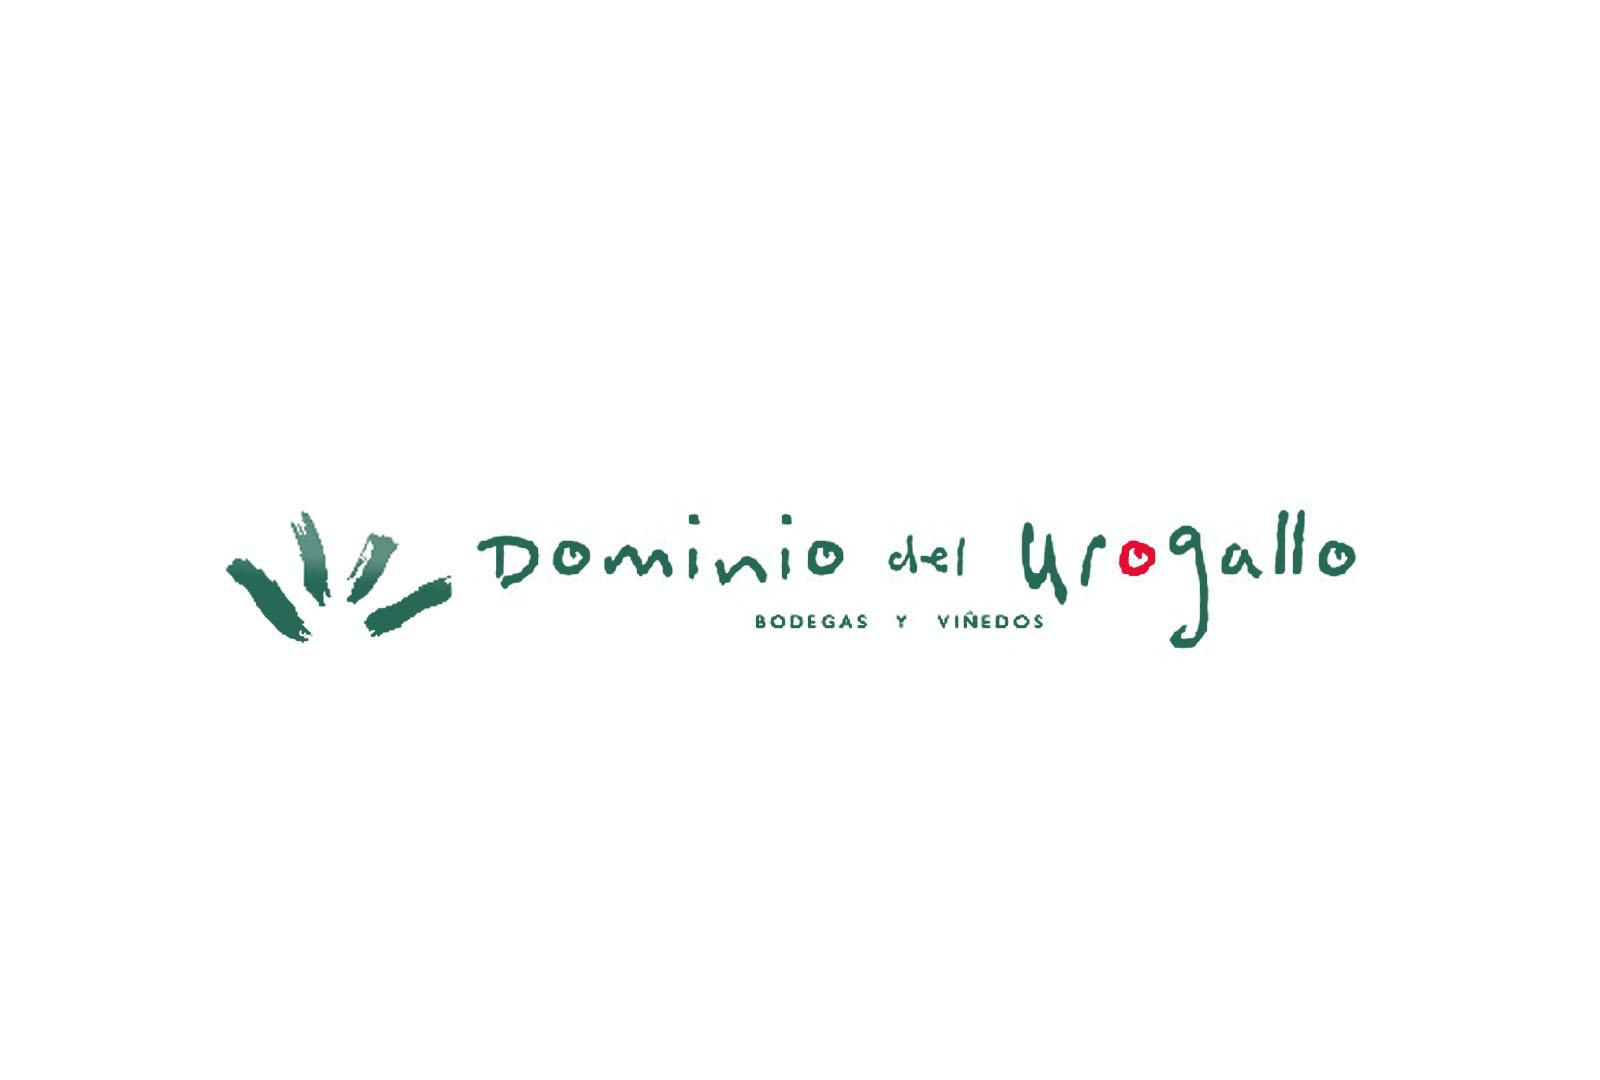 Dominio del Urogallo (I): Una iniciativa renovadora.